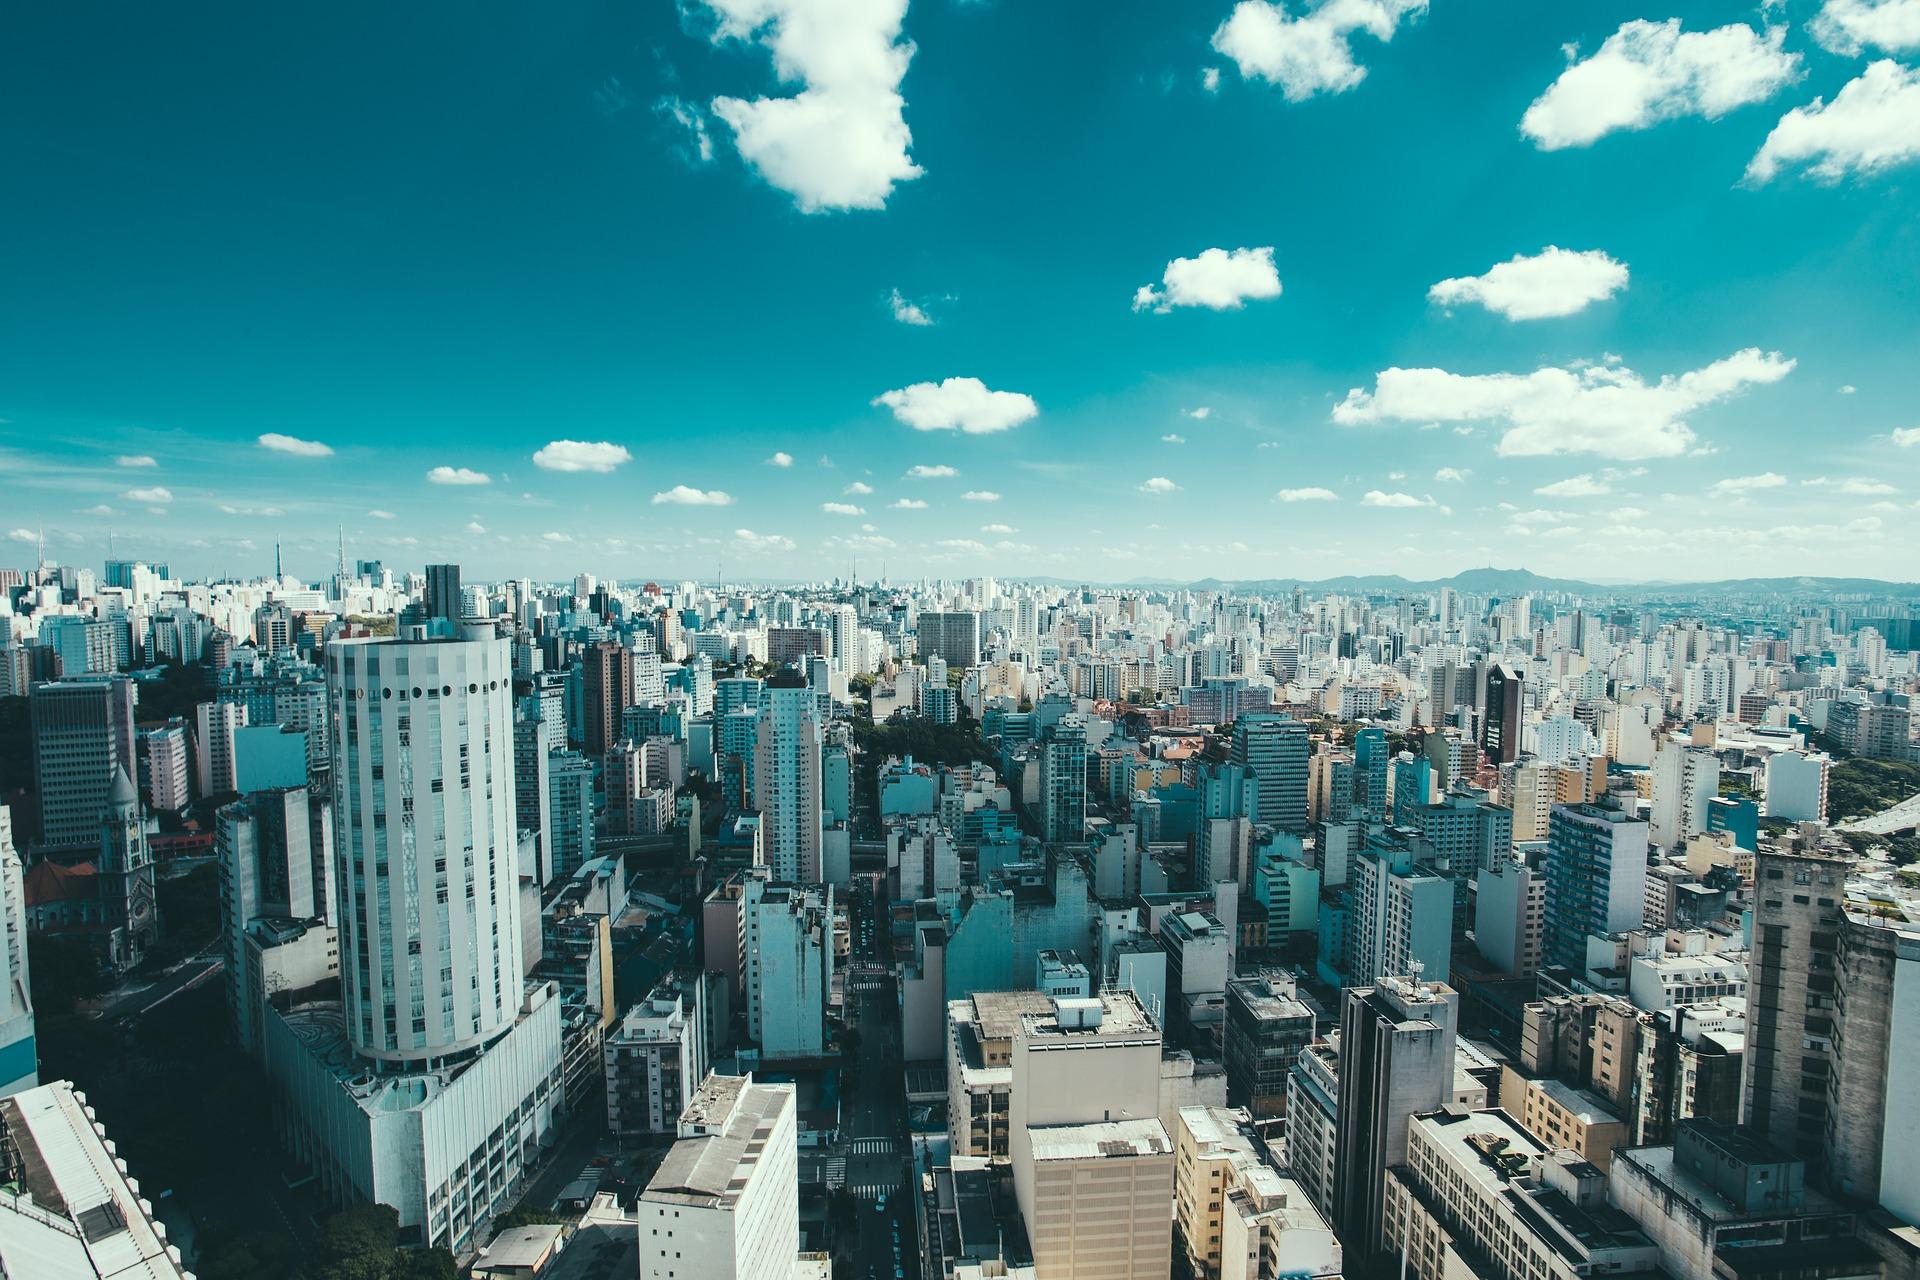 Foto que mostra a vista de cima de uma cidade